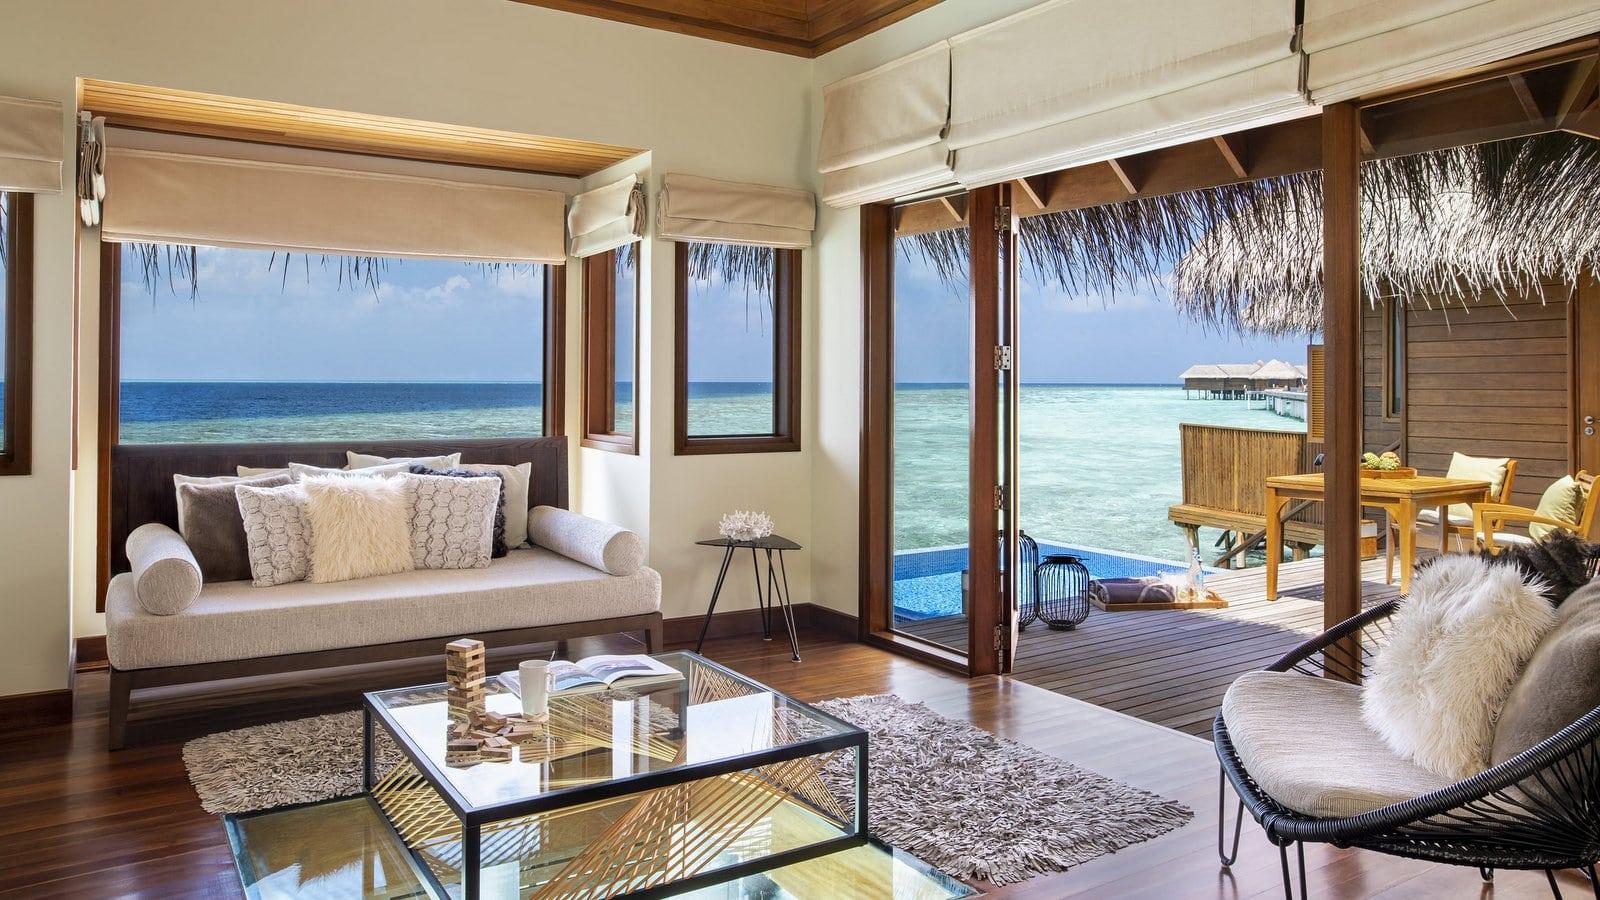 Мальдивы, отель Huvafen Fushi Maldives, номер Ocean Bungalow with Pool